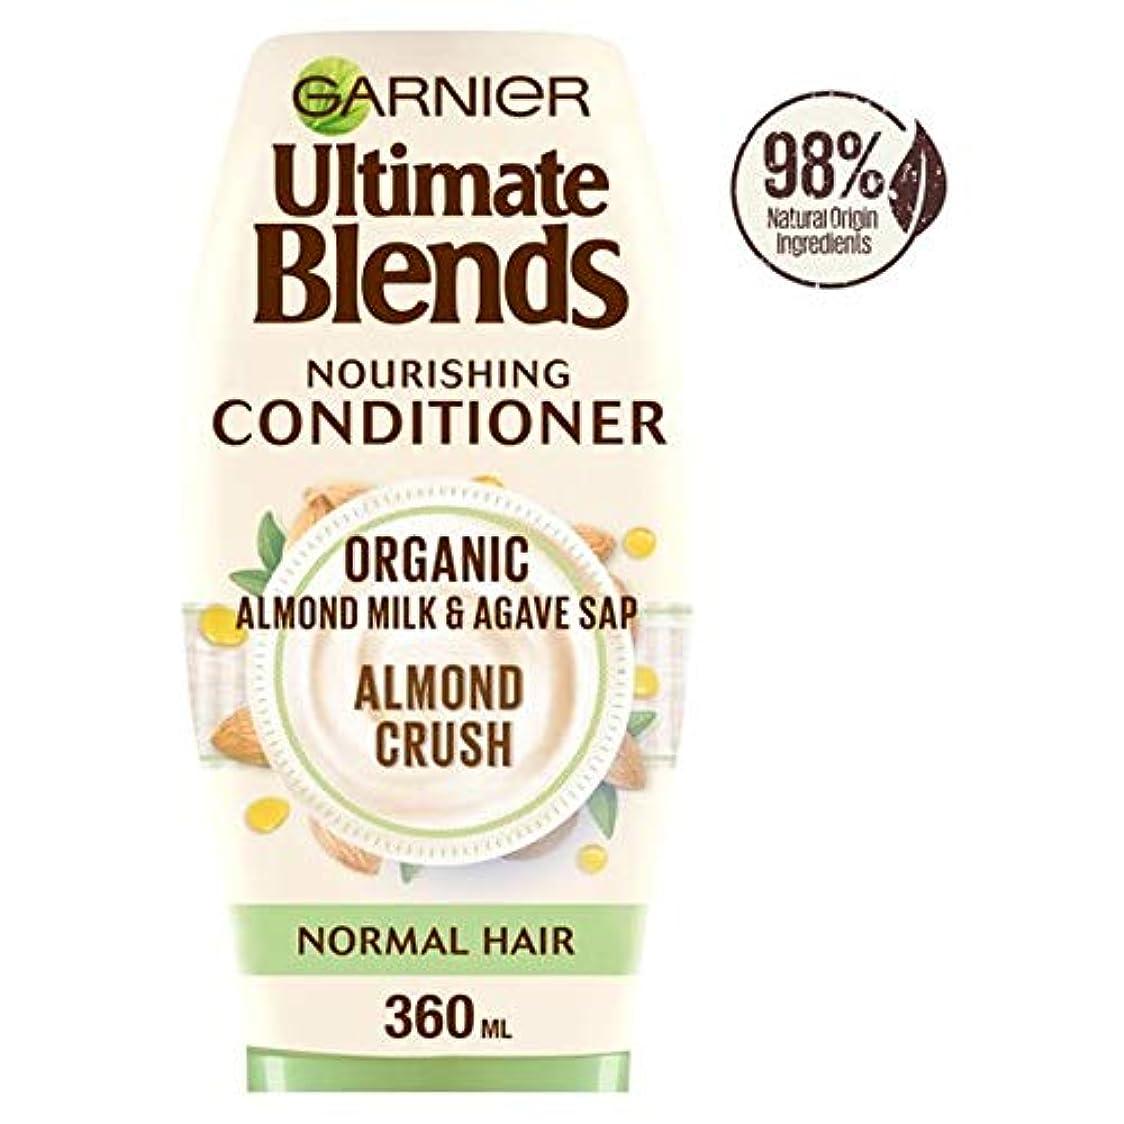 うっかり不道徳チェスをする[Ultimate Blends ] ガルニエ究極は、アーモンドミルク、通常のヘアコンディショナー360ミリリットルをブレンド - Garnier Ultimate Blends Almond Milk Normal Hair...